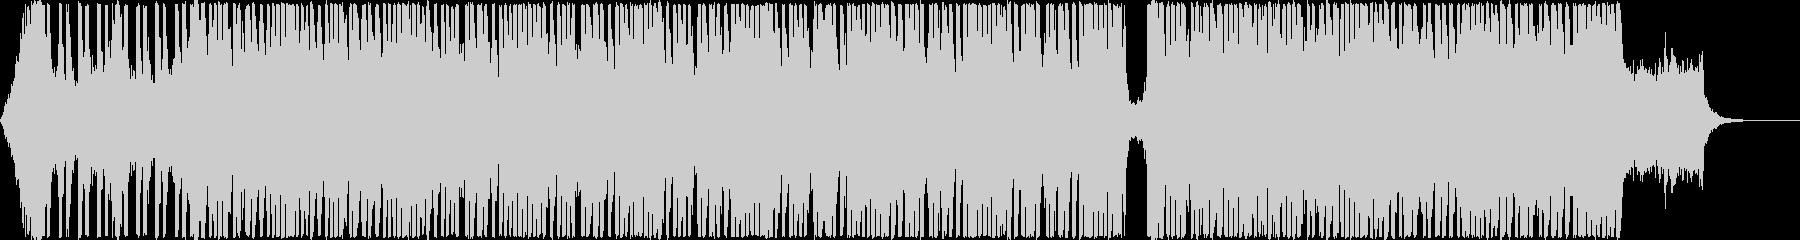 オケサウンドなゲームエンディングの未再生の波形